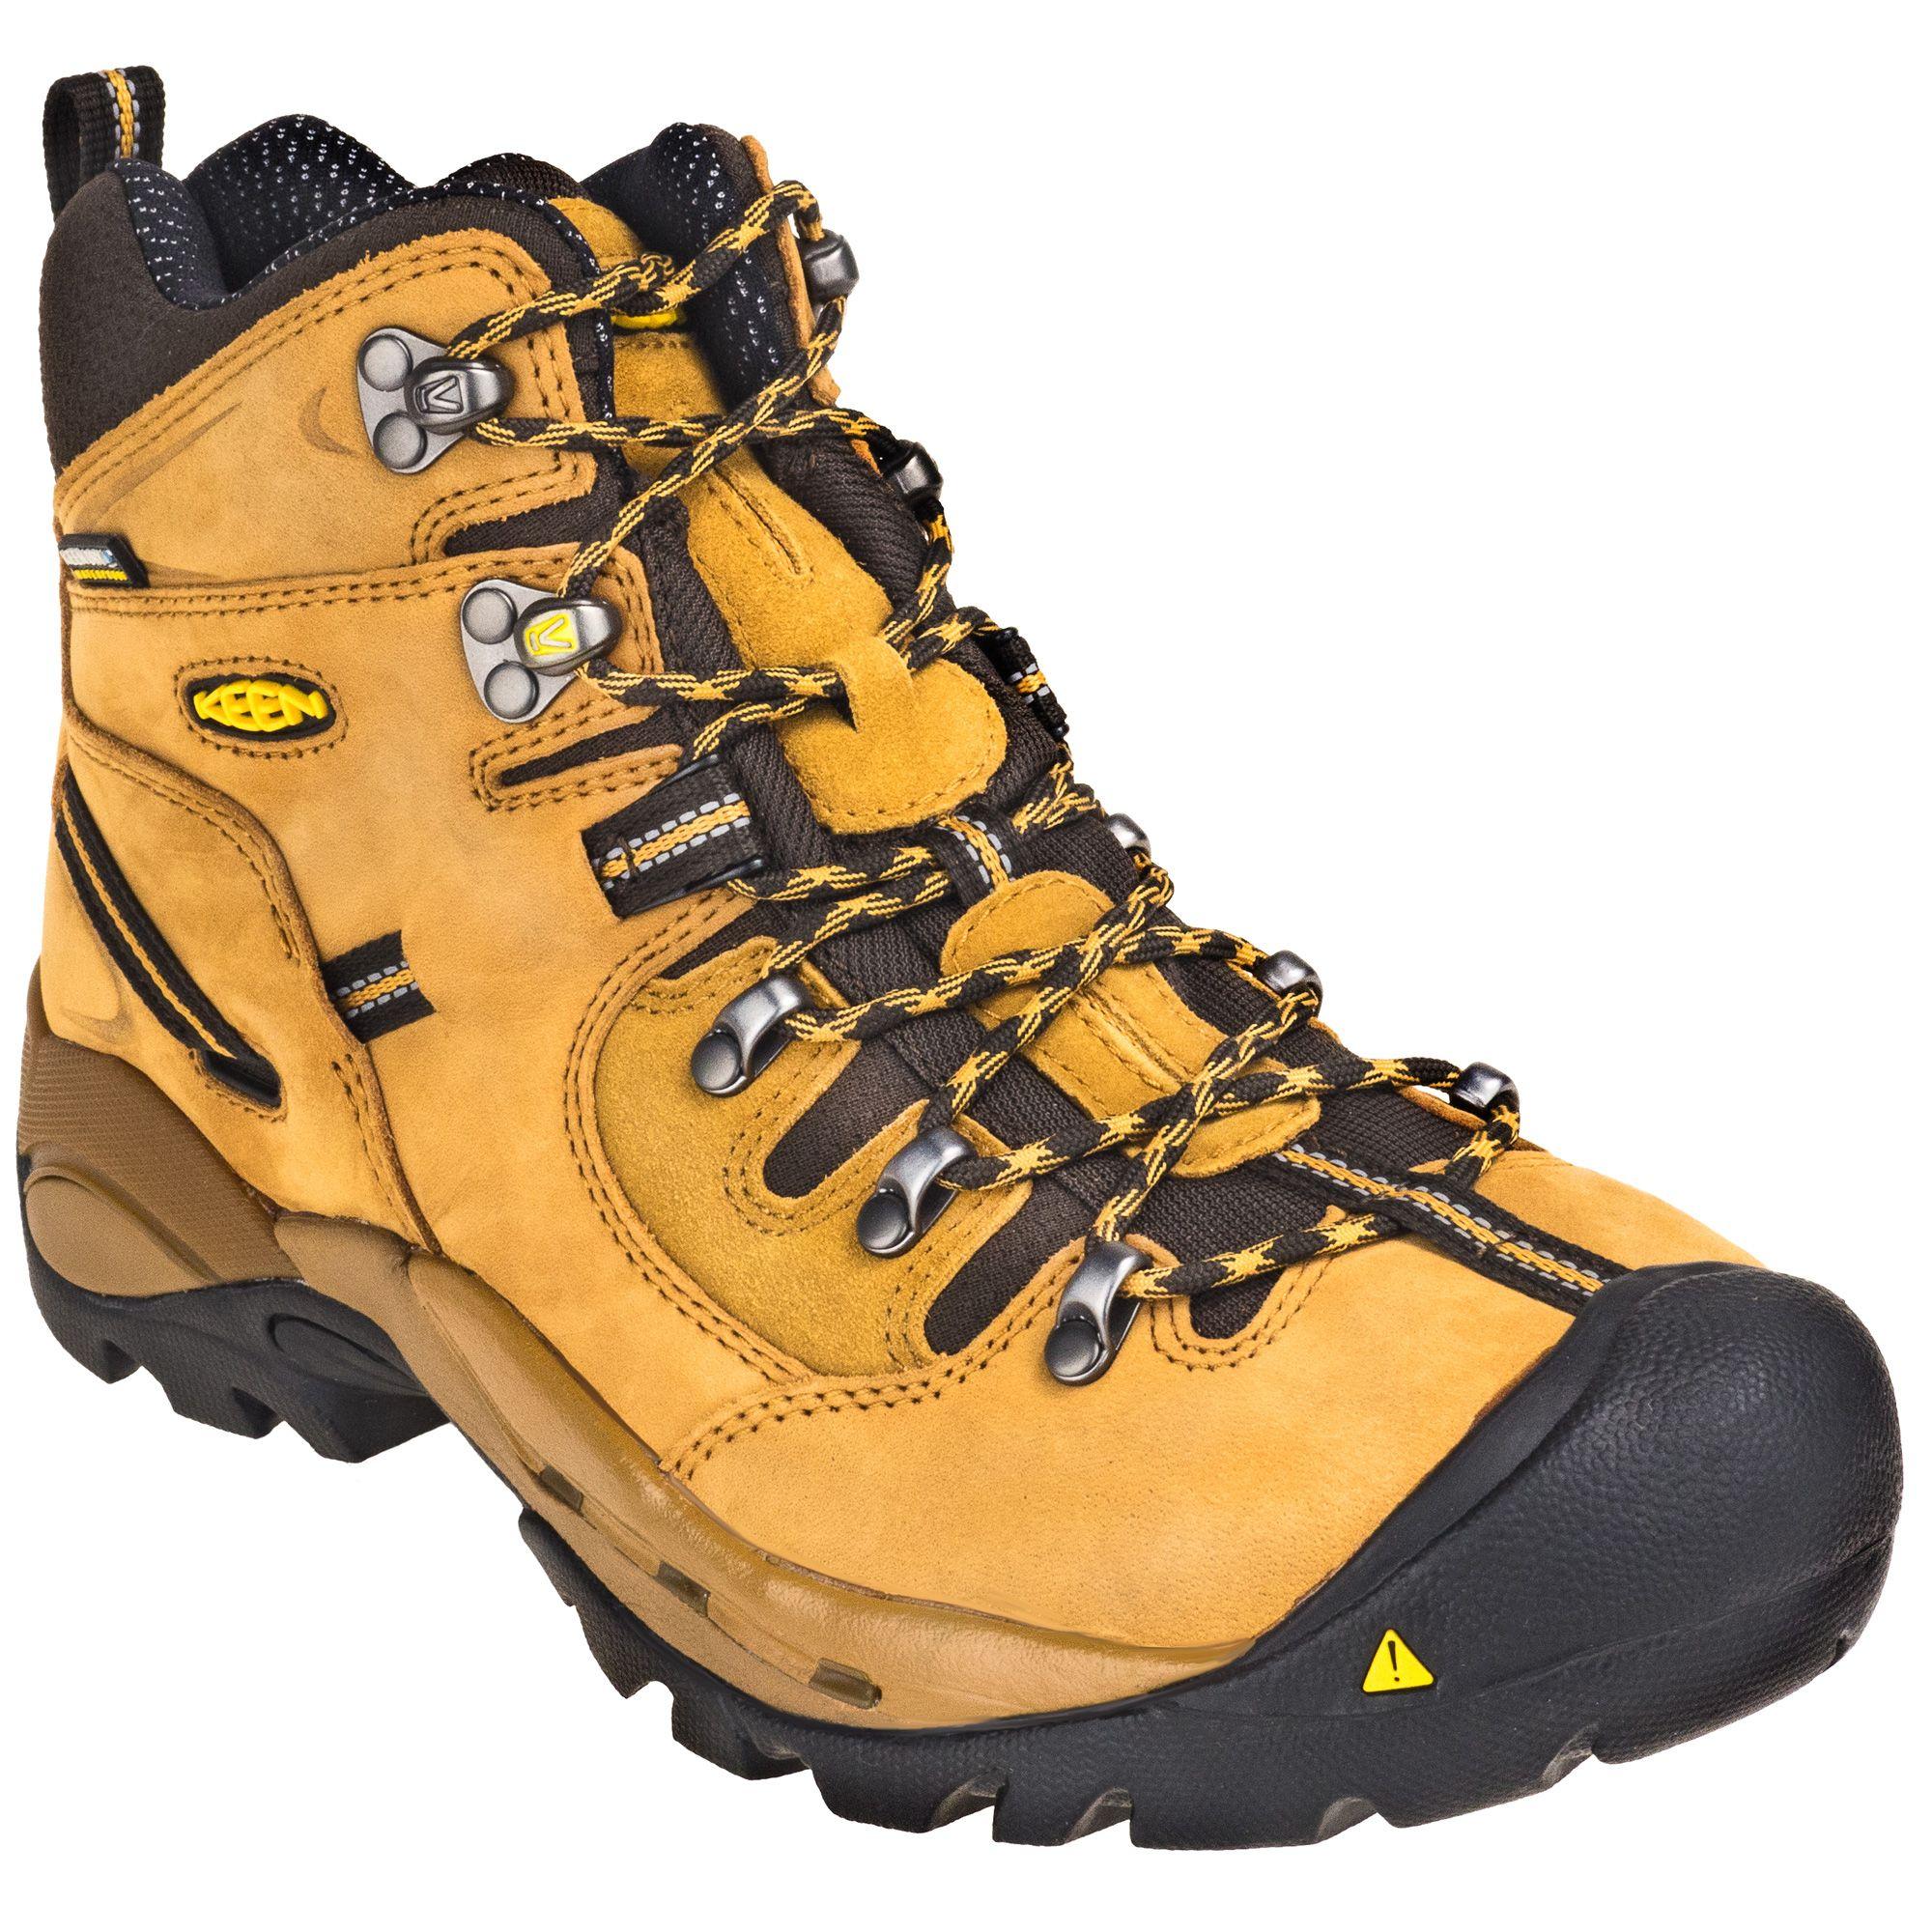 ad788952643 KEEN Utility Boots: Men's 1016948 Waterproof Steel Toe EH Wheat ...